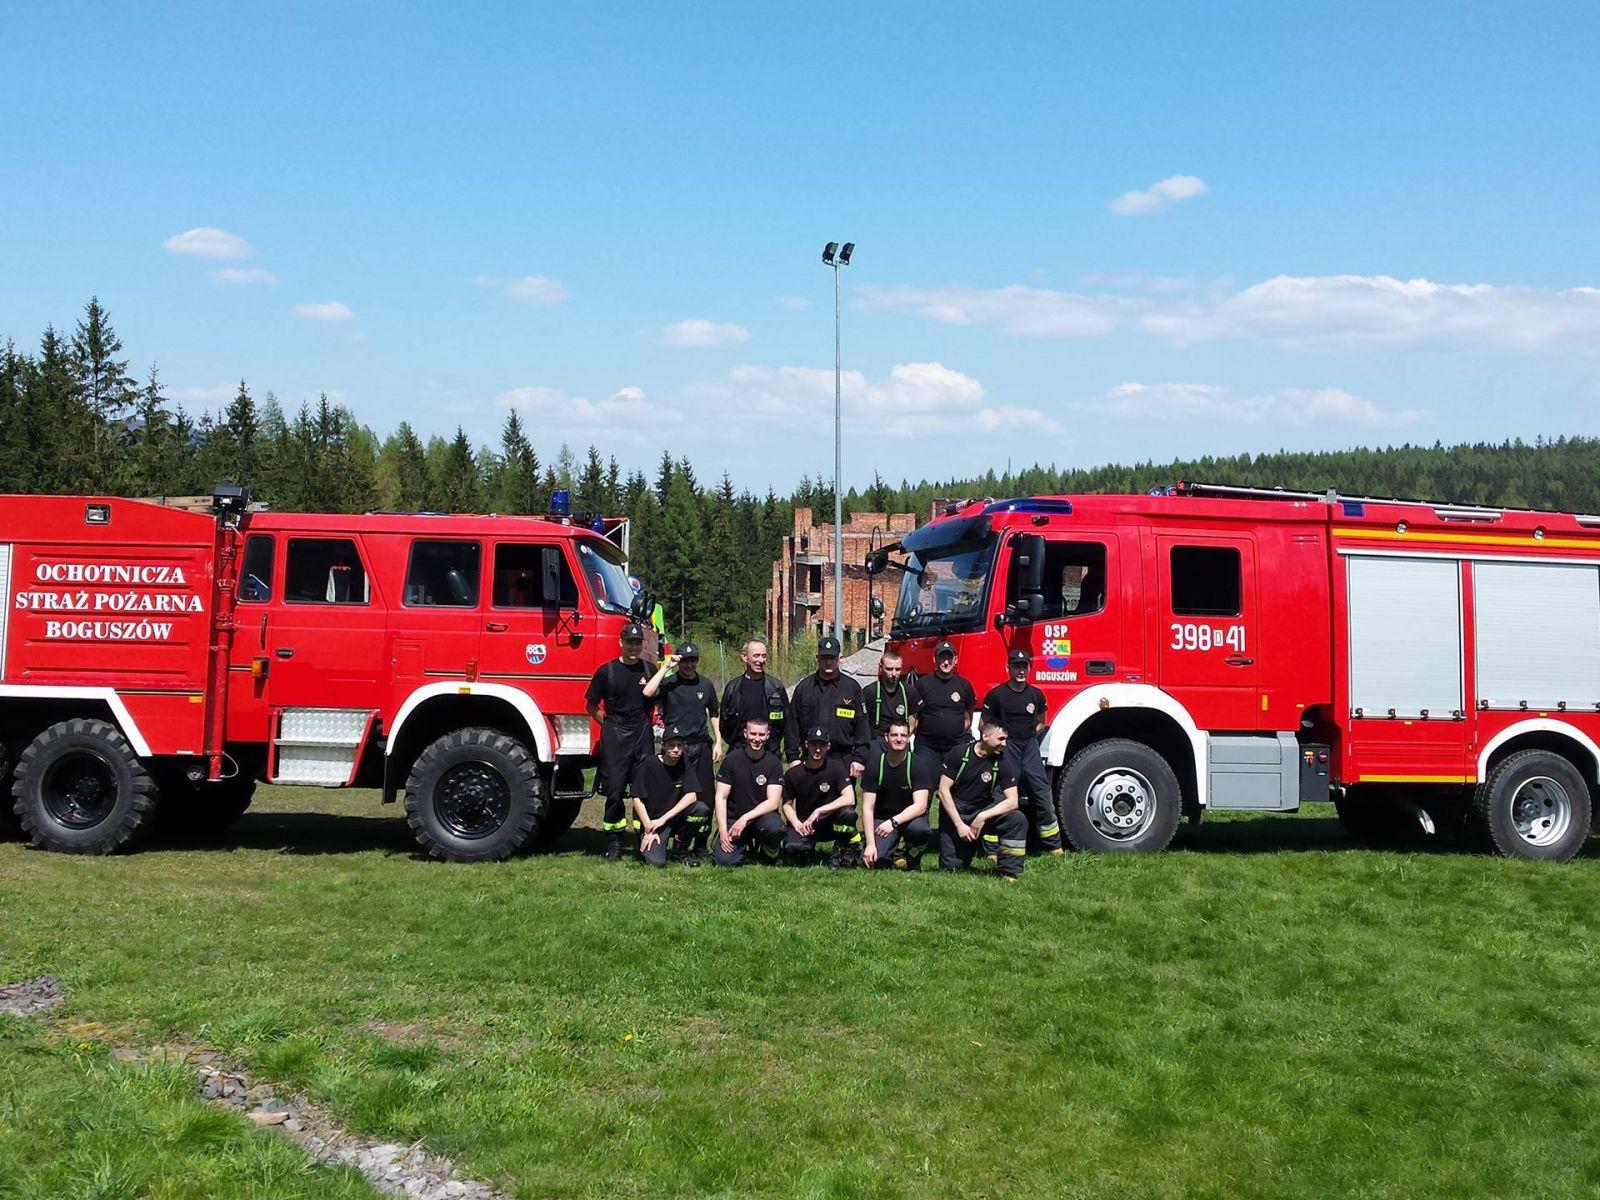 Ochotnicza Straż Pożarna Boguszów serdecznie dziękuje wszystkim Mieszkańcom Boguszowa-Gorc